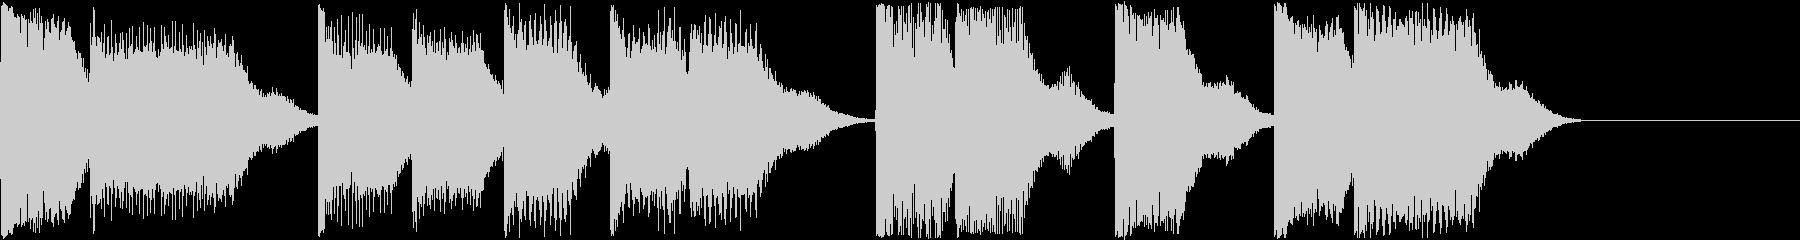 AI メカ/ロボ/マシン動作音 7の未再生の波形